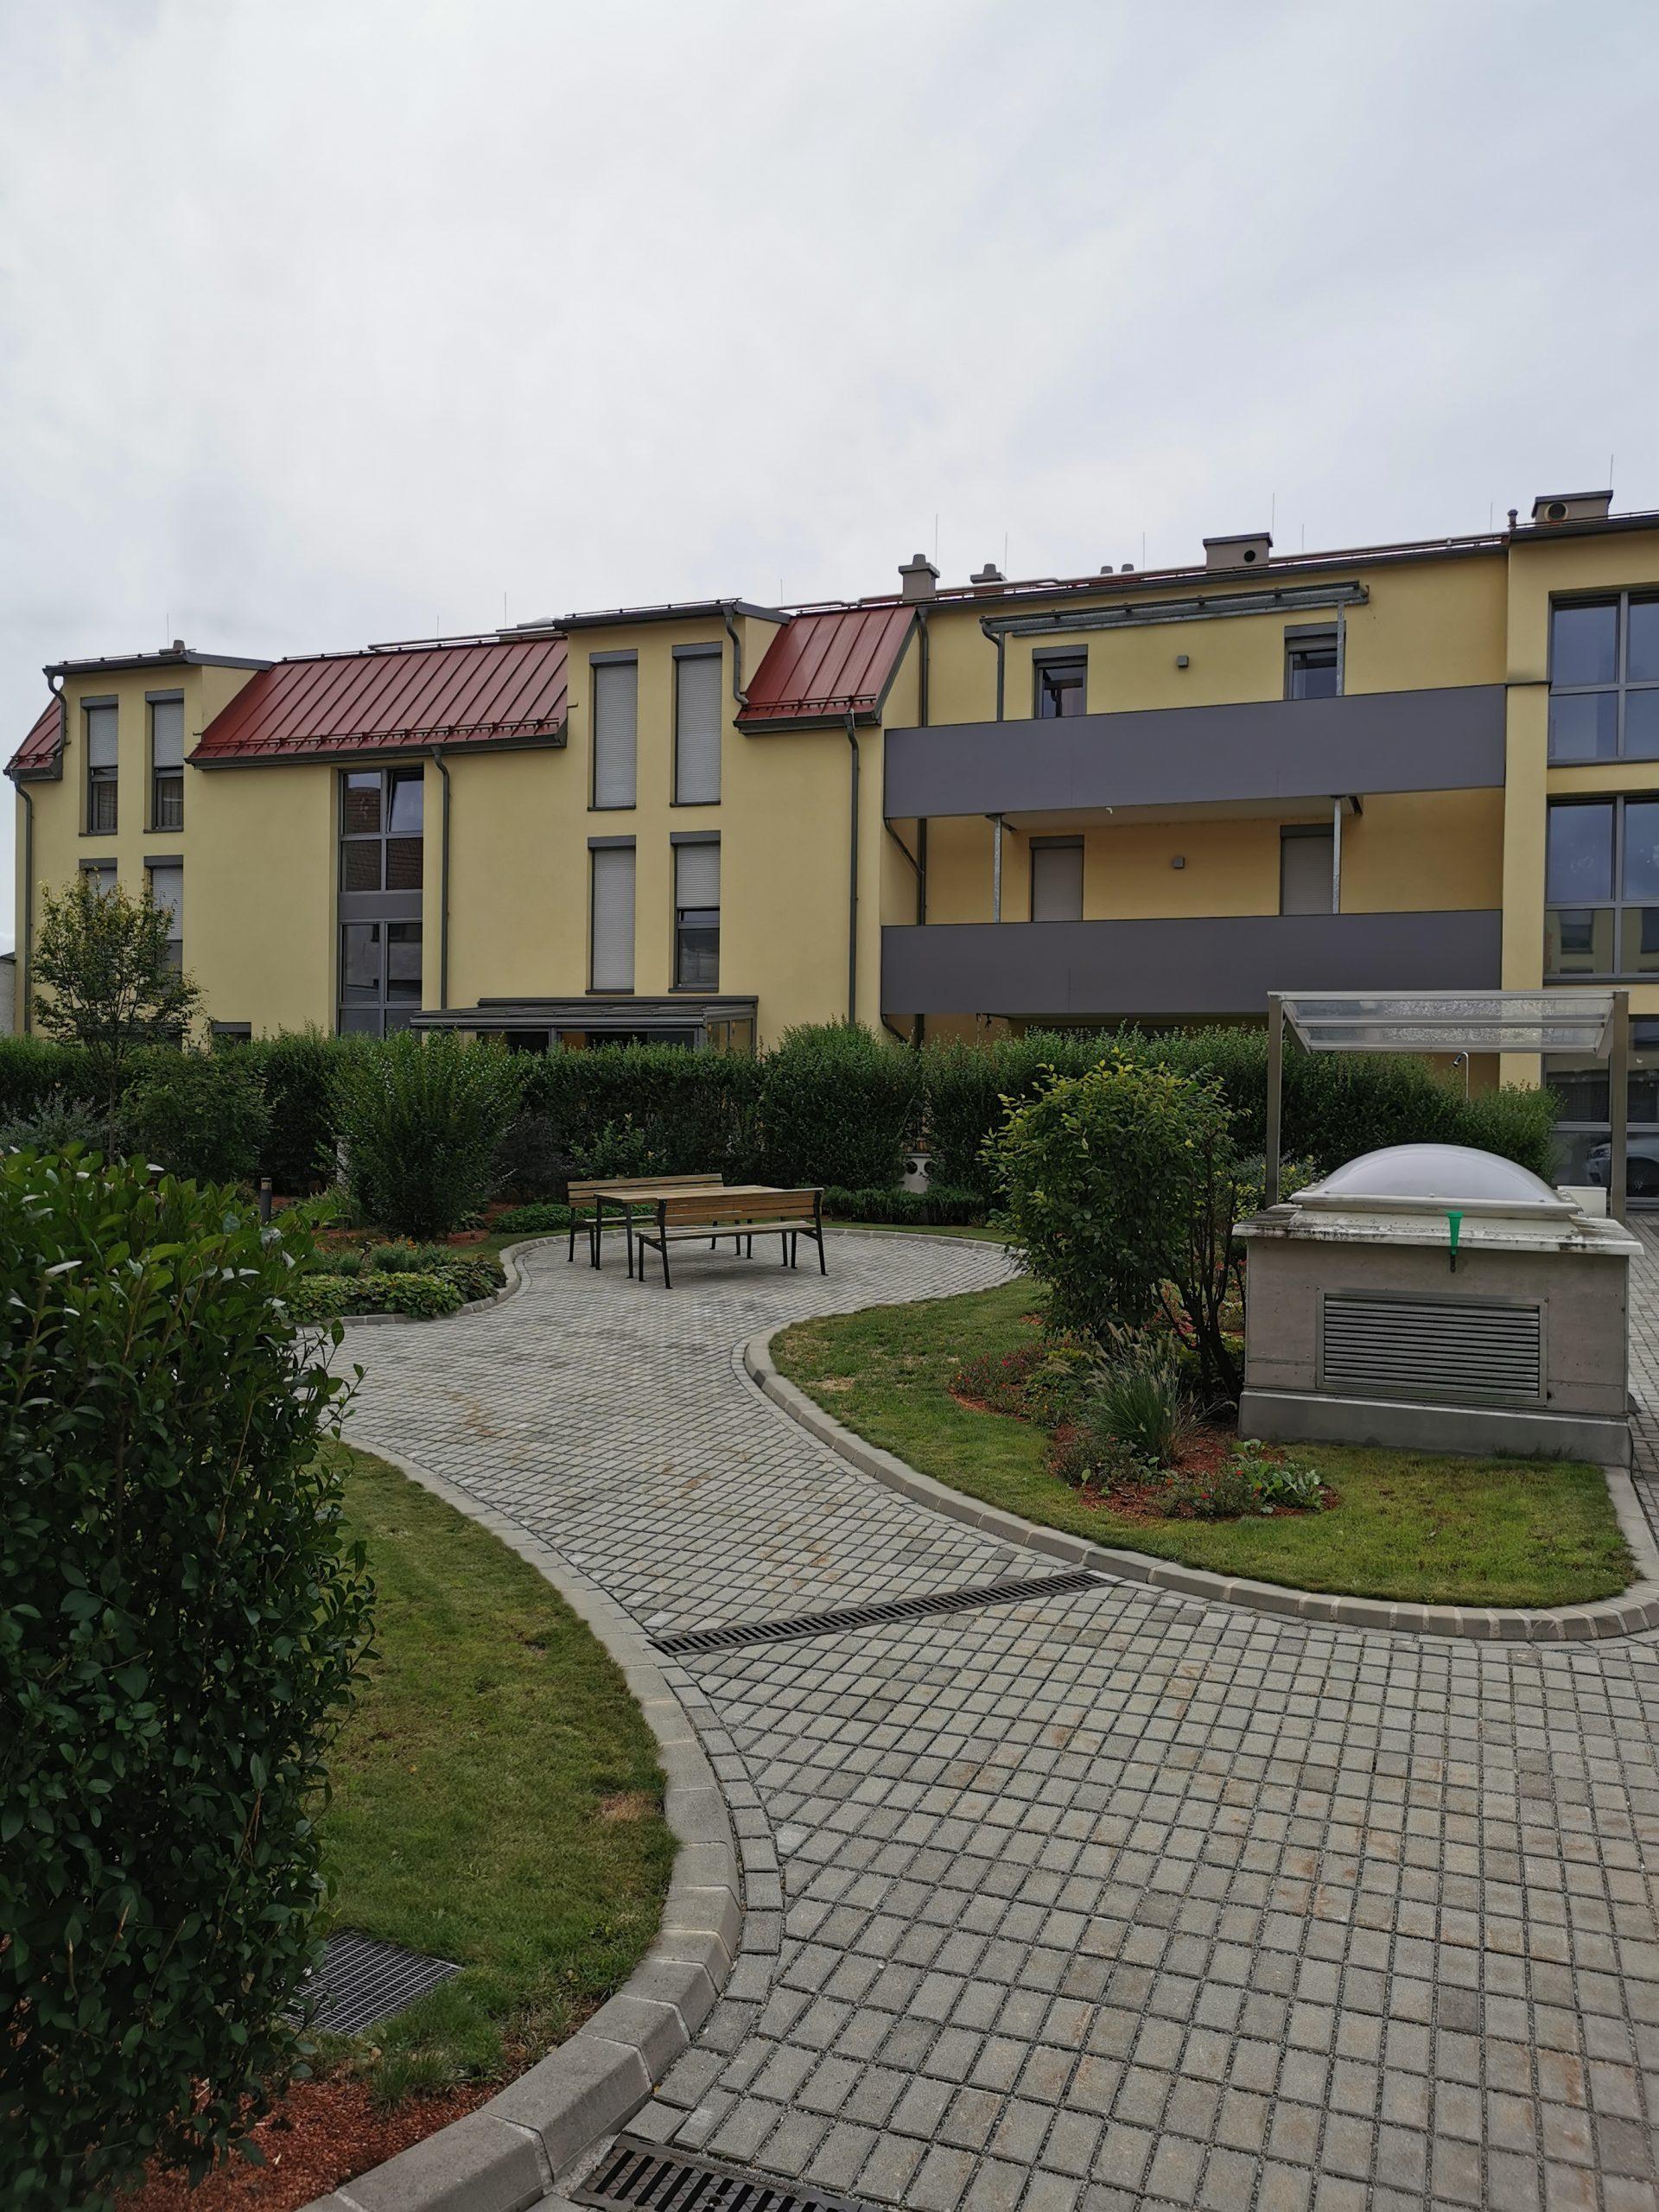 Immobilie von Kamptal in 2193 Wilfersdorf, Mistelbach, Wilfersdorf II - Top 204 #4